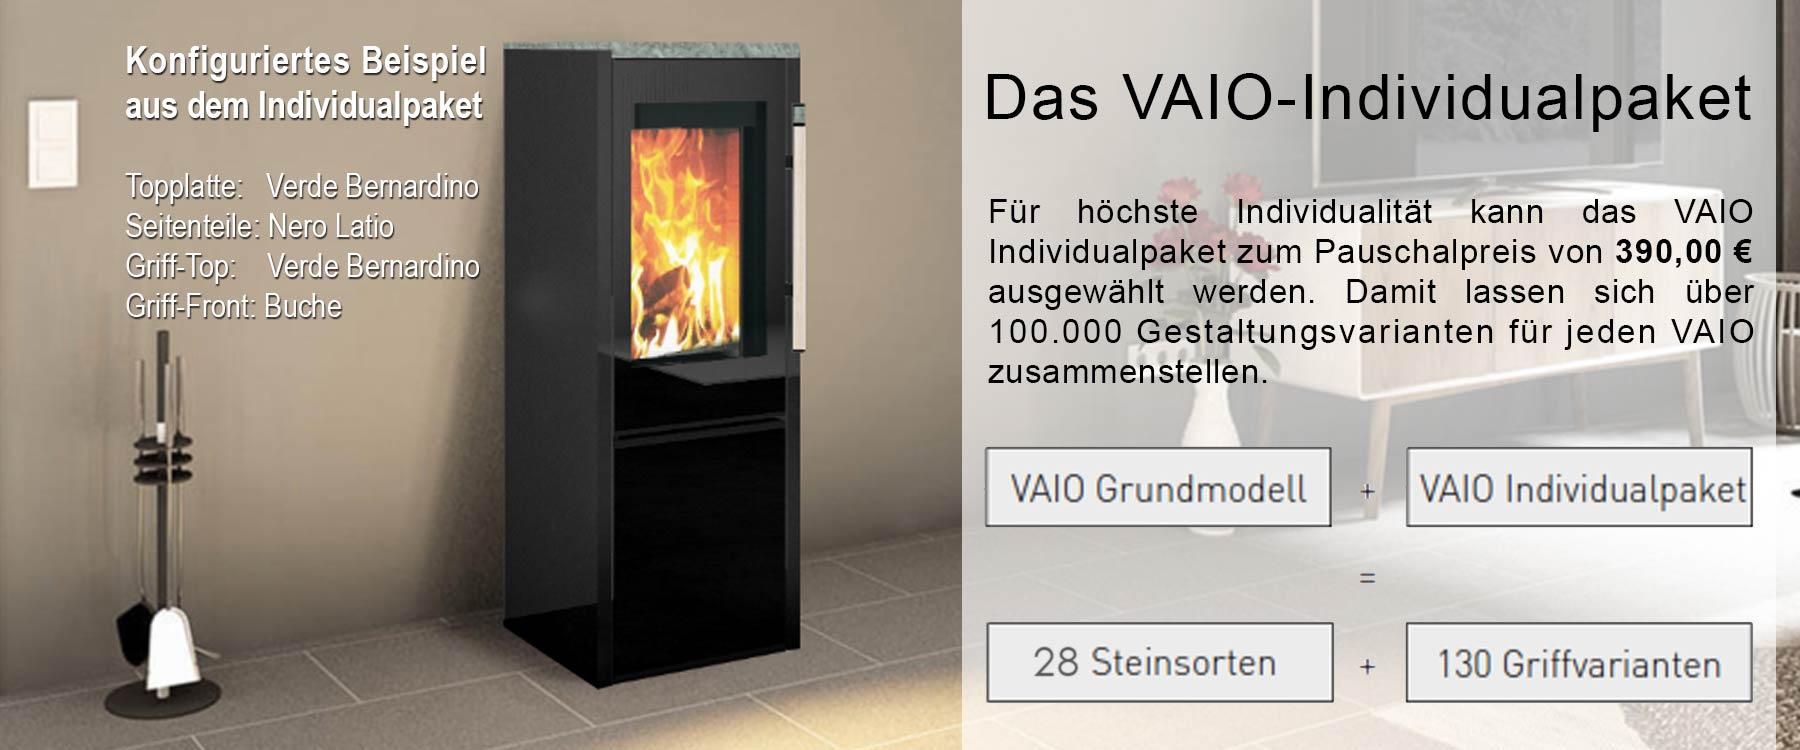 Ambientebild mit einem konfigurierten Vaio 2 Ofen im Individualpaket